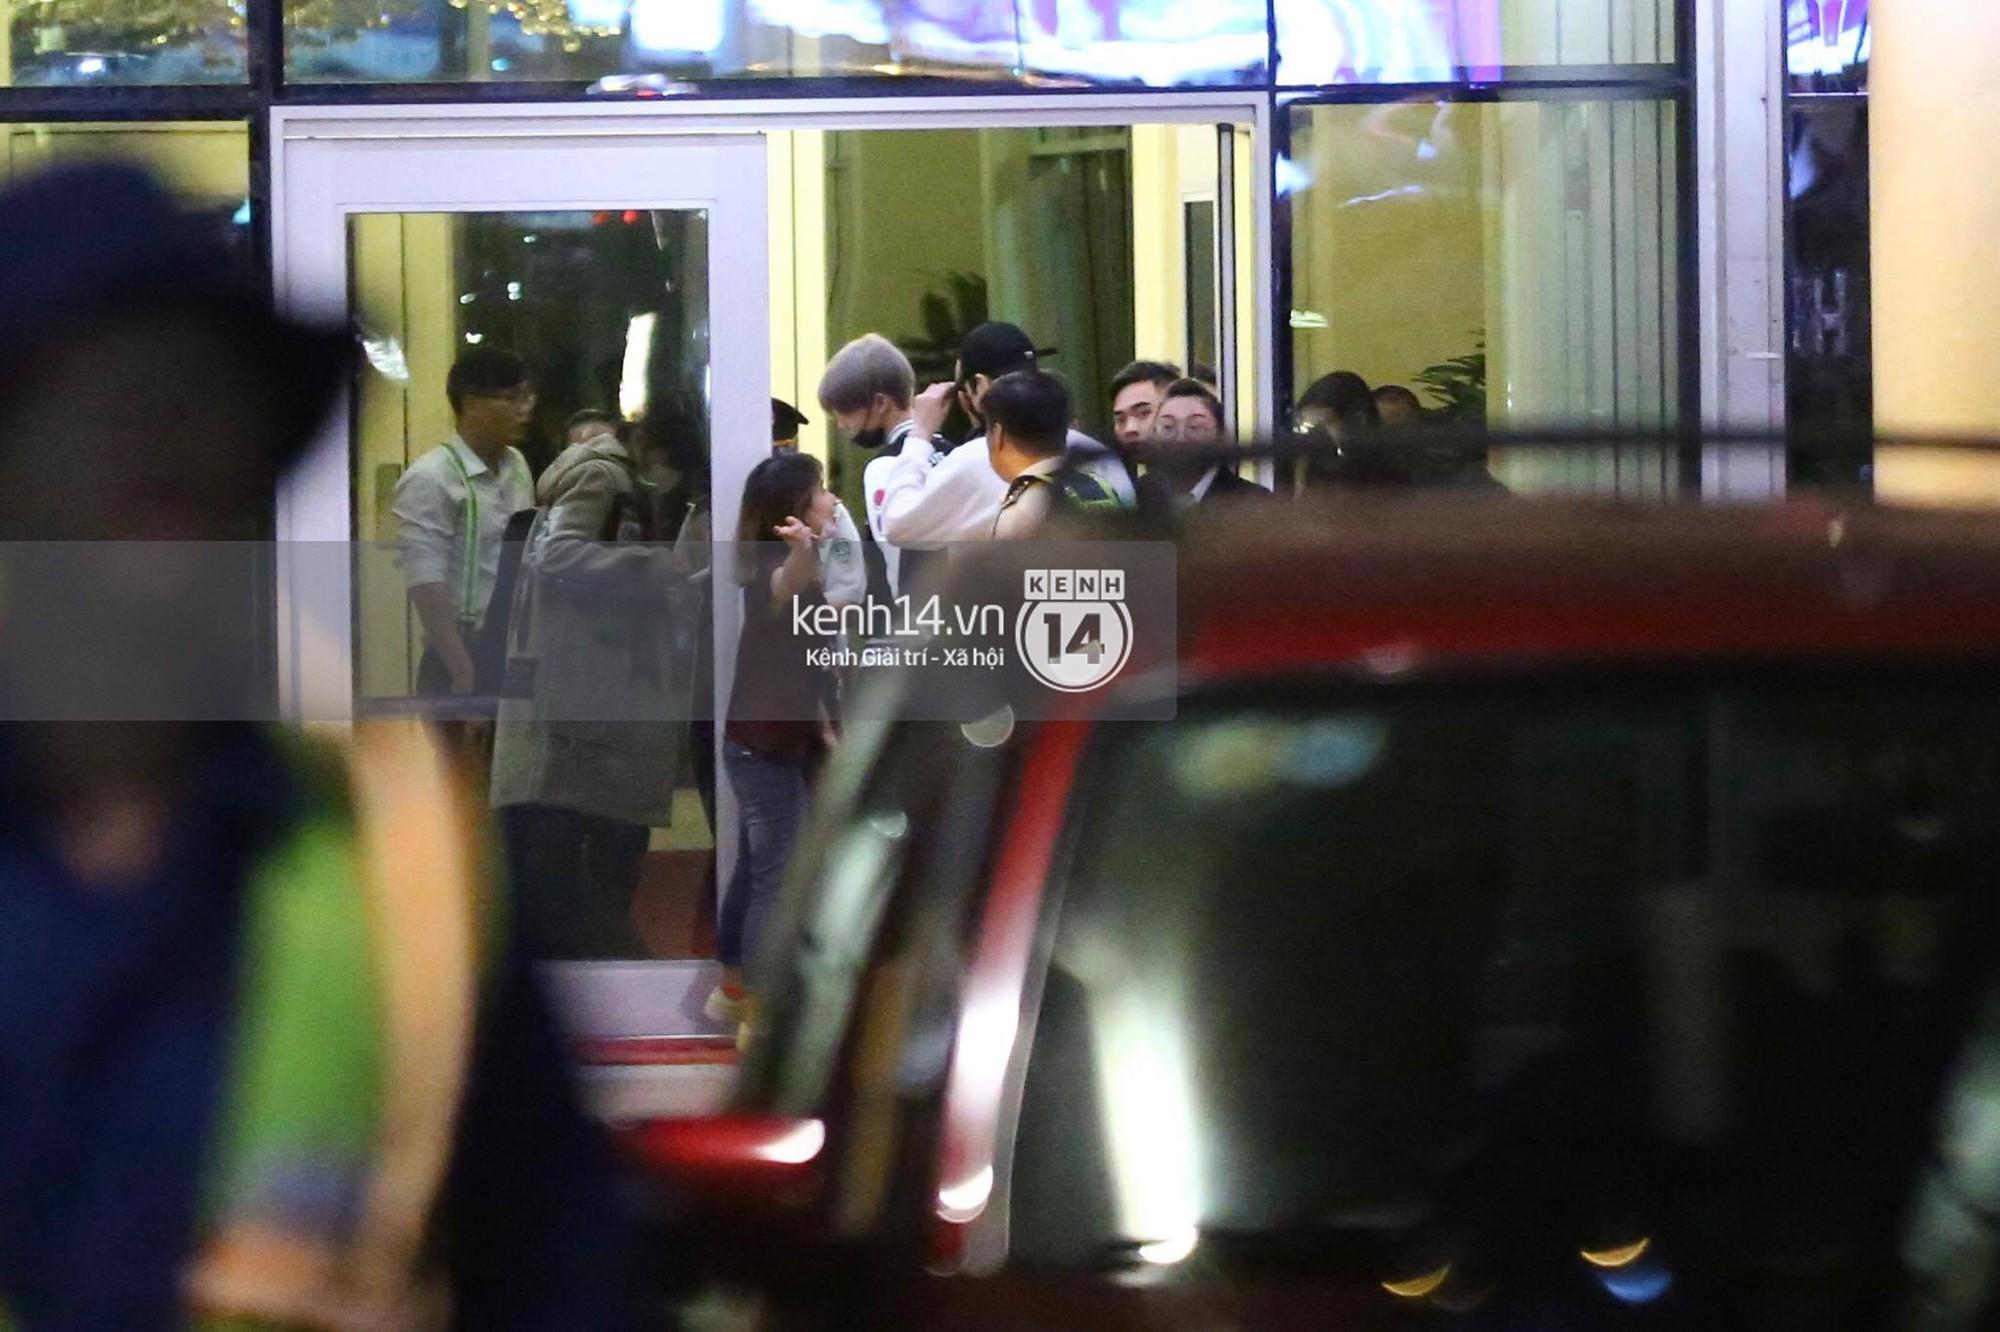 Hình ảnh đối lập: Kết thúc MAMA, Samuel khí thế vẫy tay chào fan Việt, Wanna One ngủ say mặc kệ người hâm mộ - Ảnh 13.